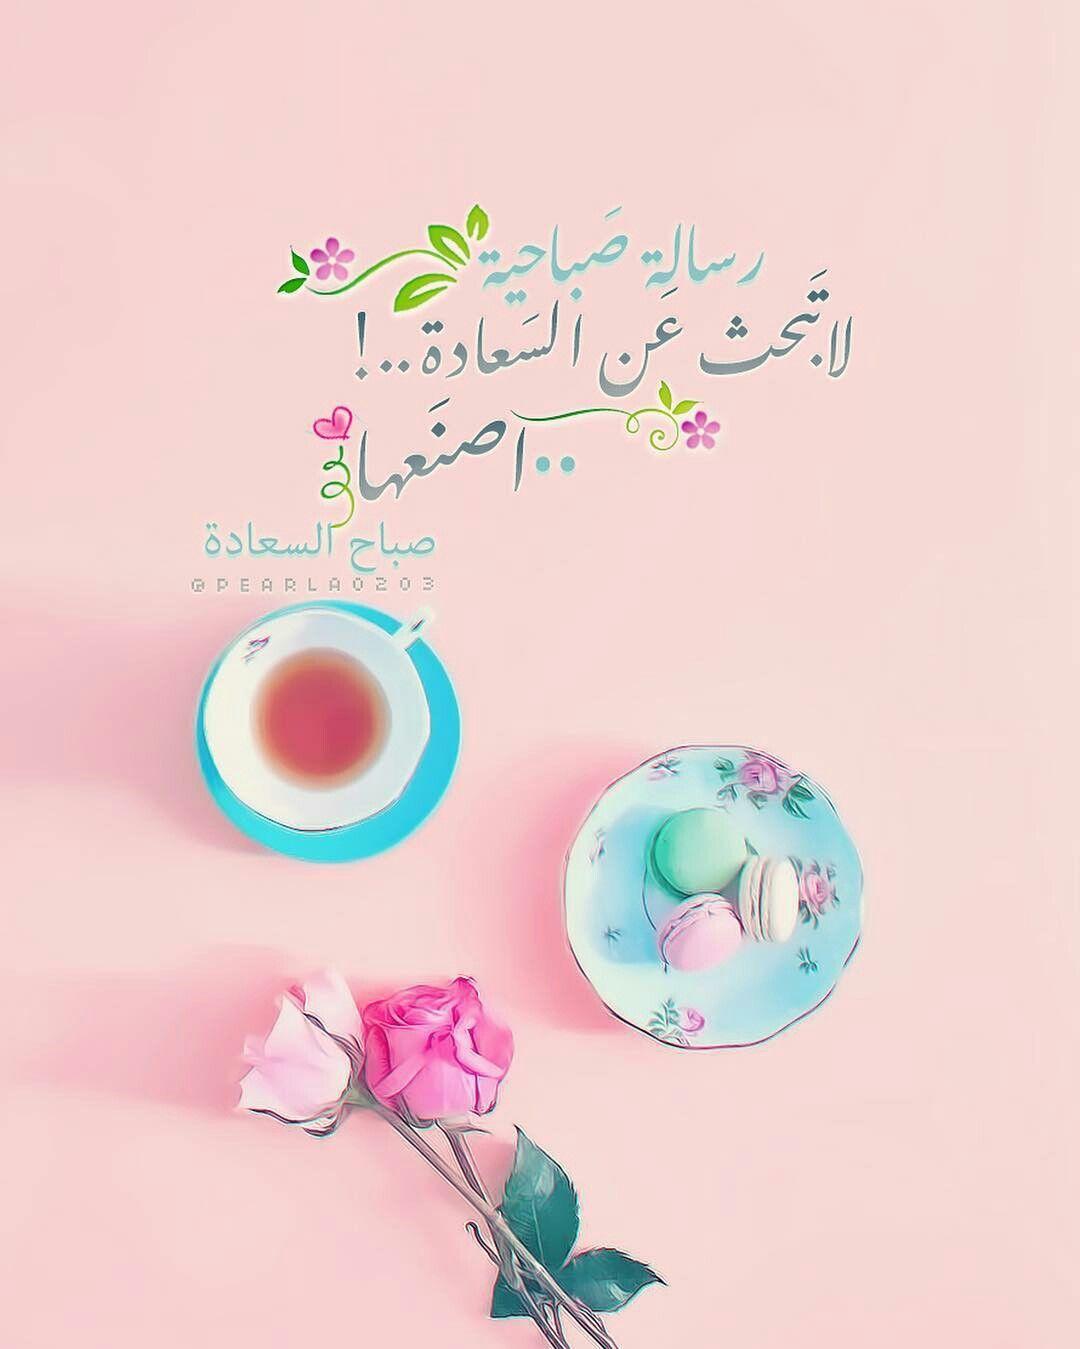 صباح السعادة أحبتي Morning Images Holy Quran Cards